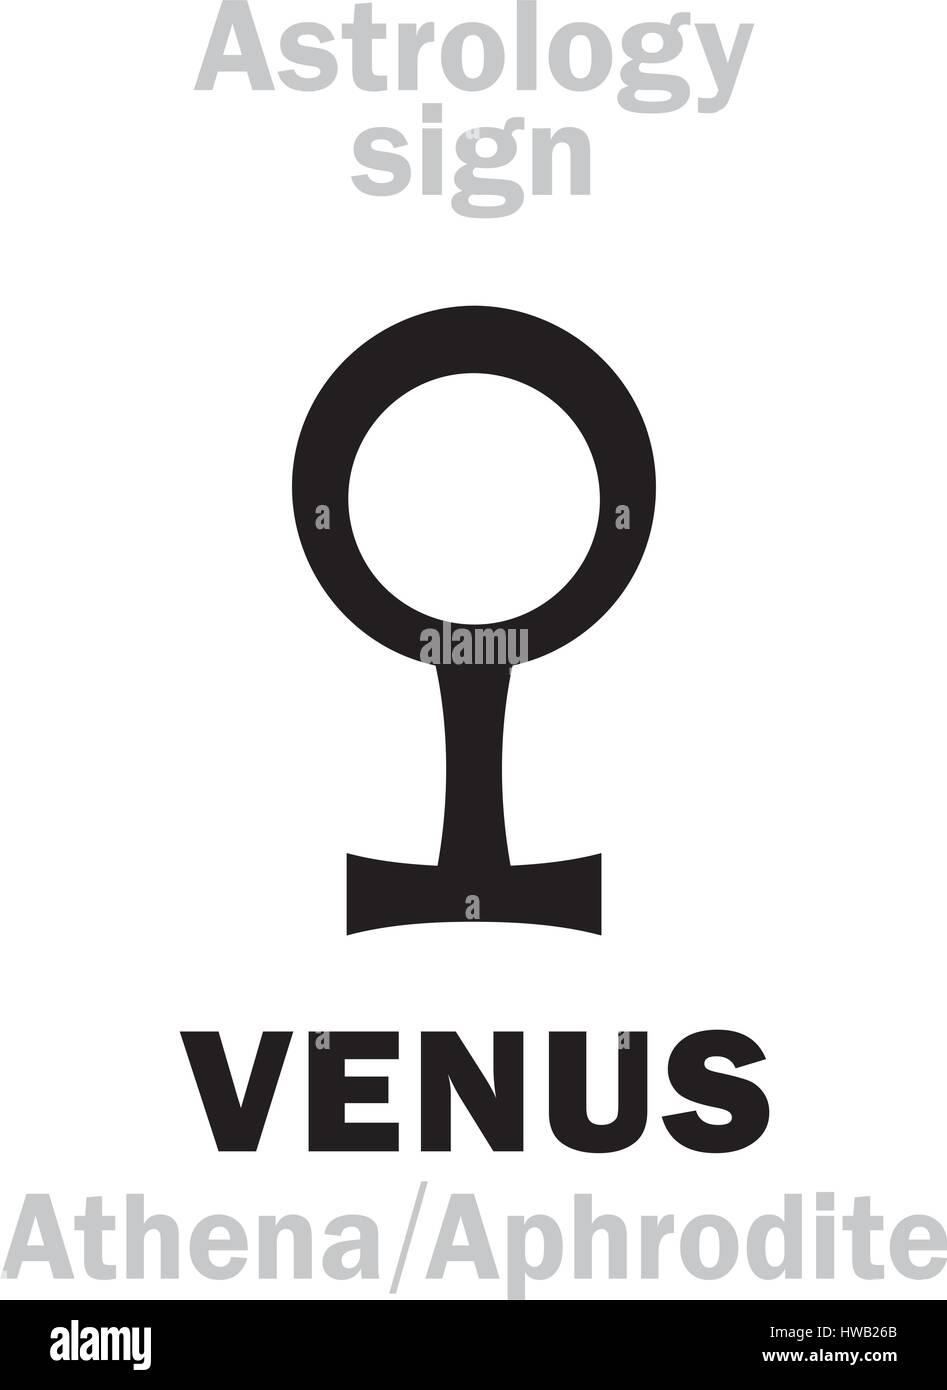 Astrology Alphabet Venus Athena Aphrodite The Planetary Star